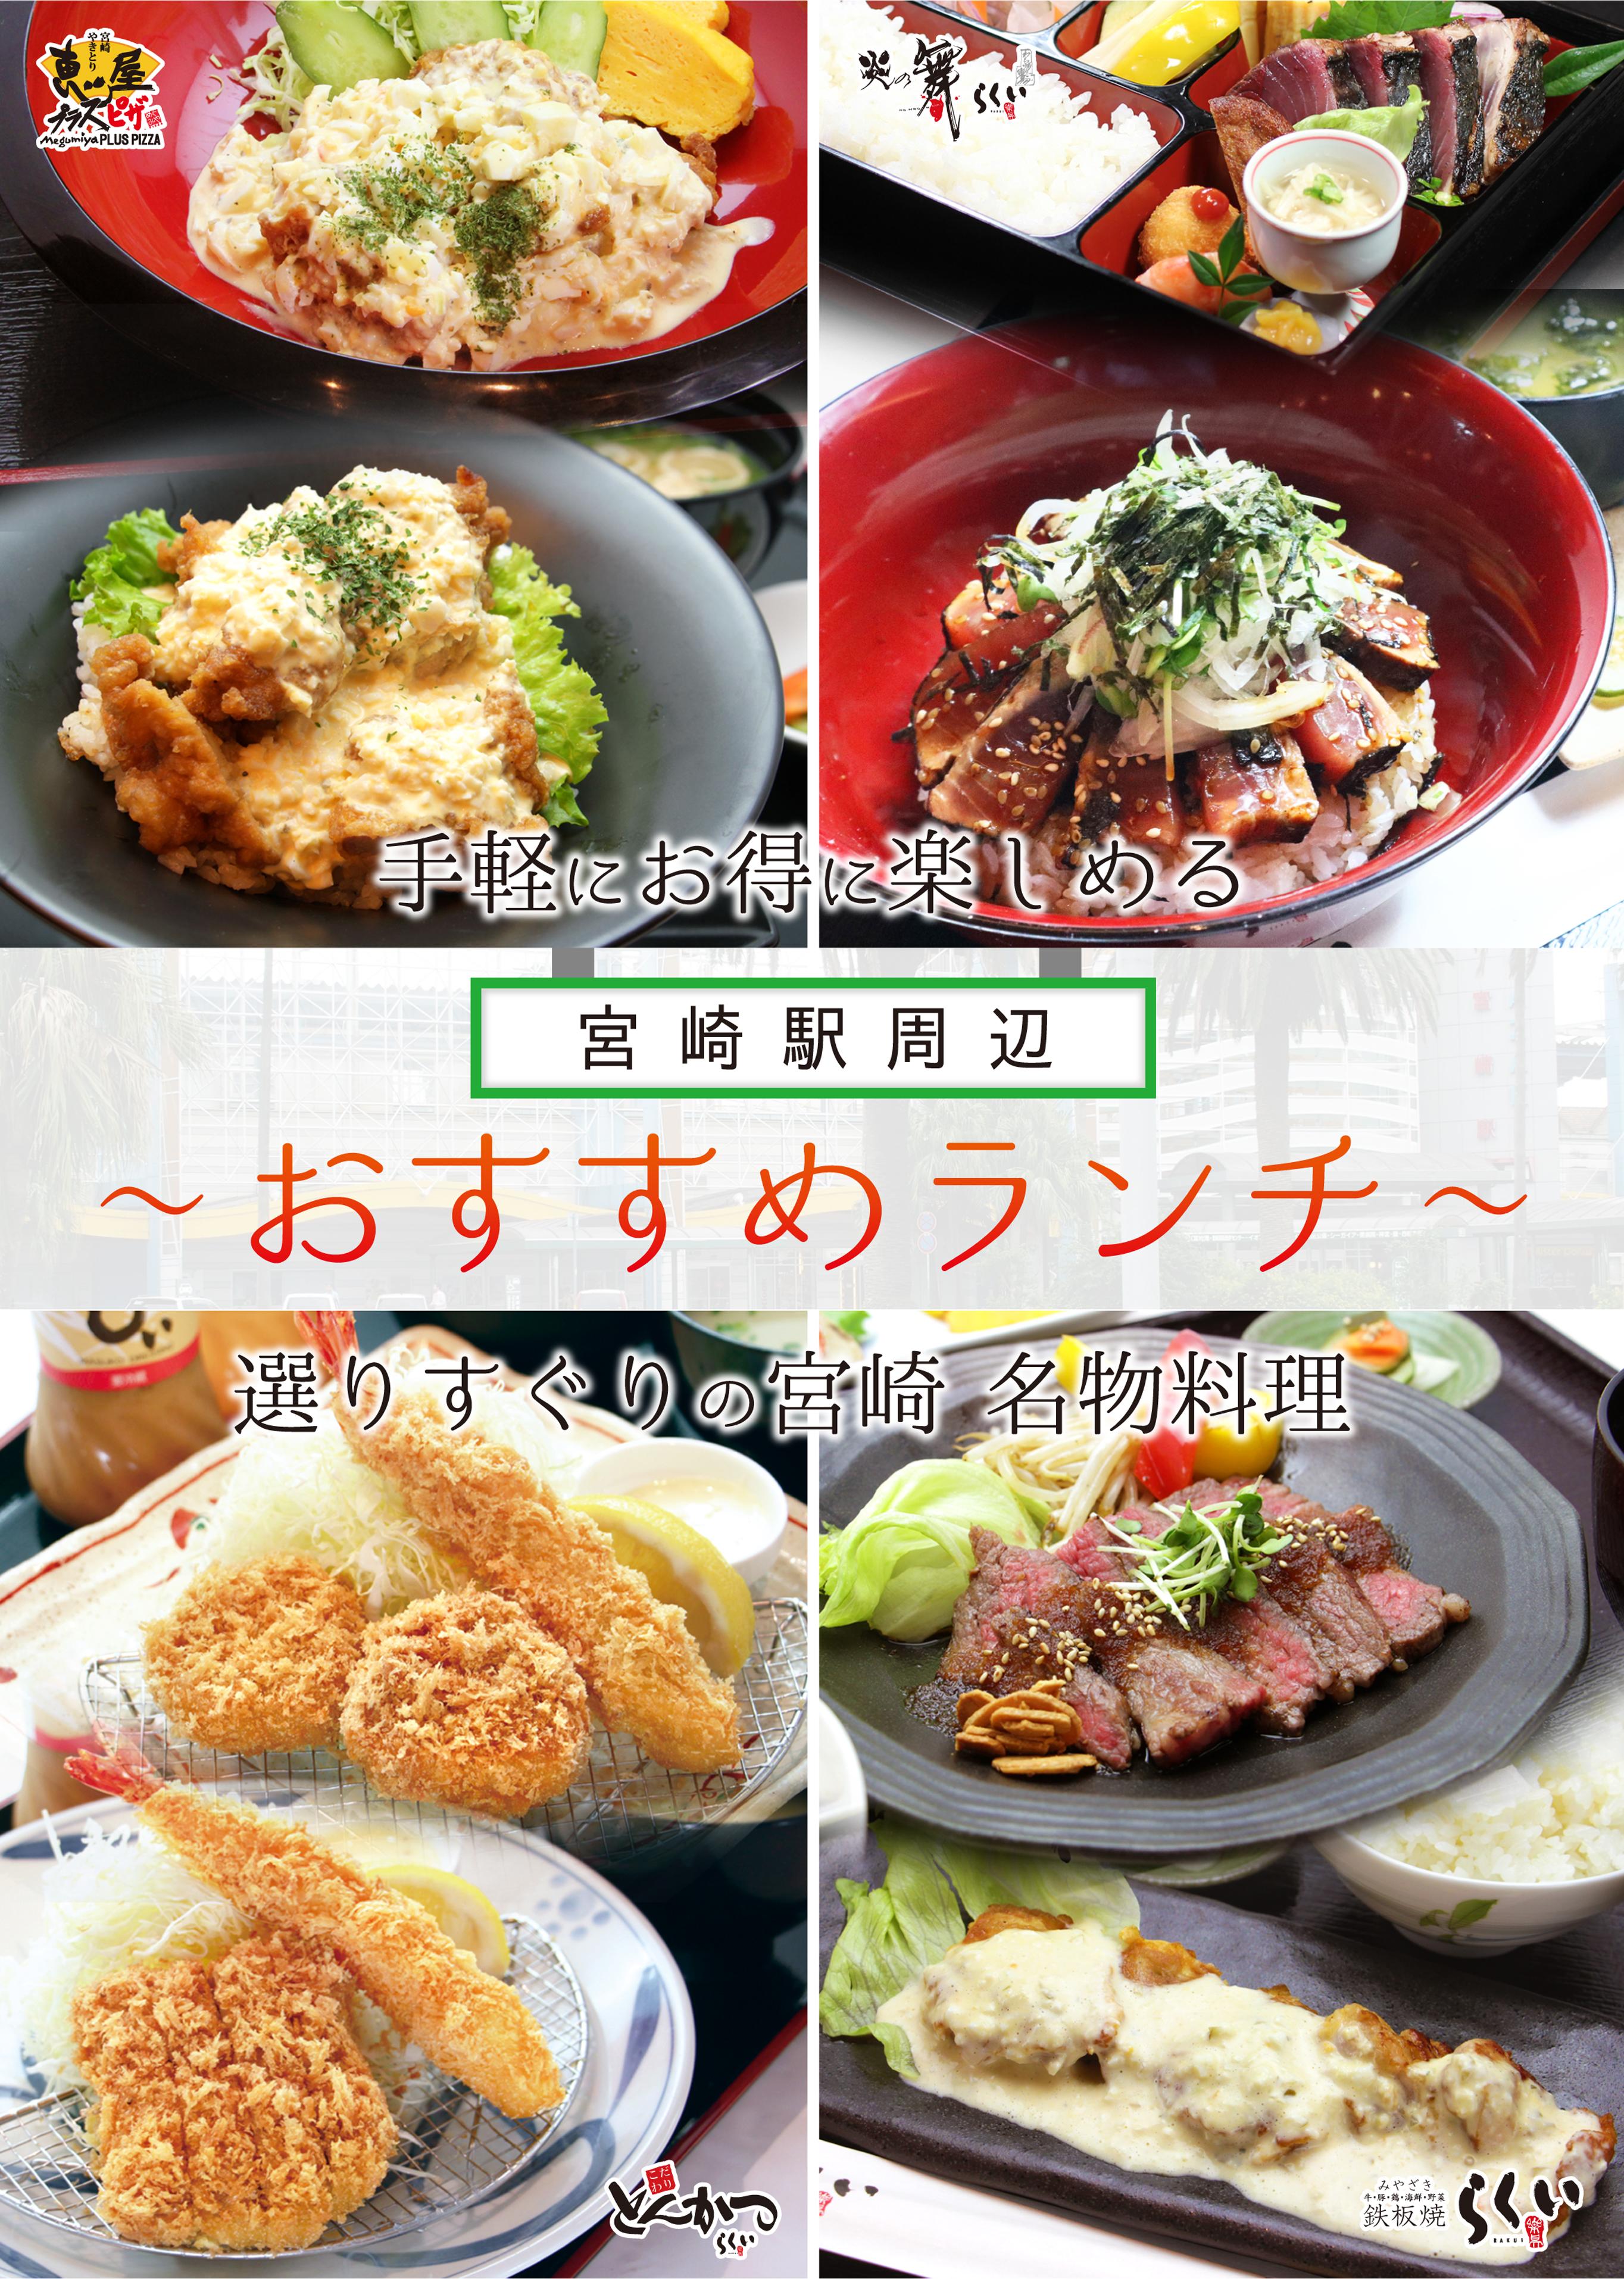 宮崎駅周辺おすすめランチ 宮崎の名物料理